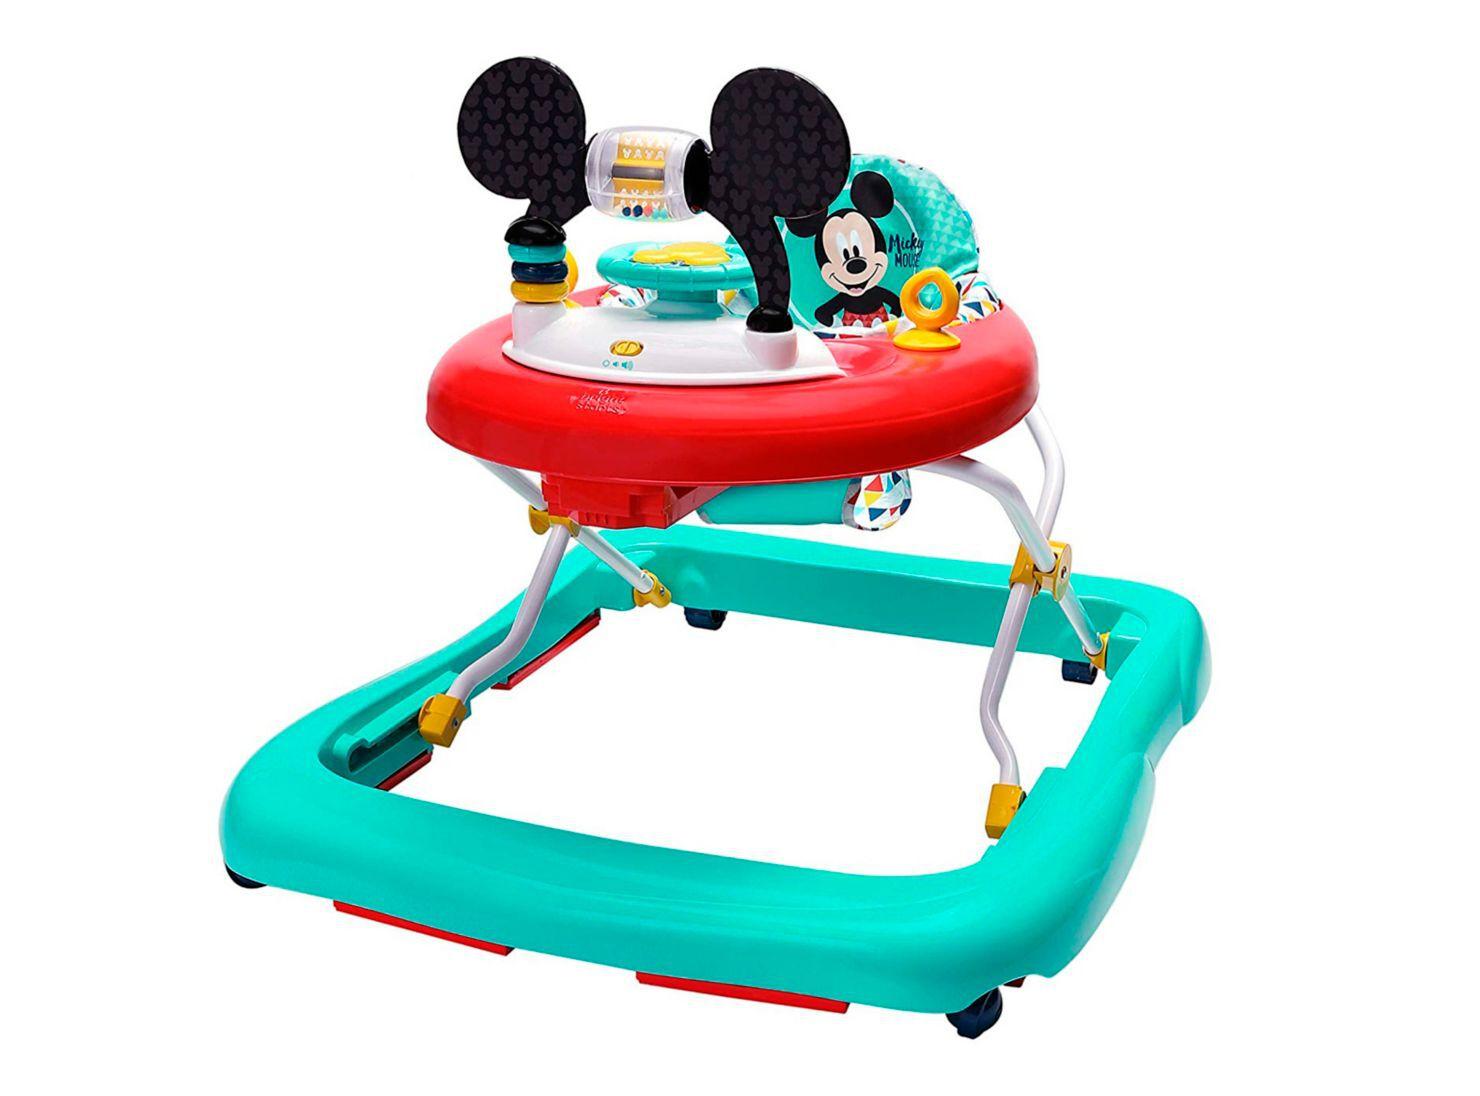 Andador Mickey Mouse 11237 Disney - Juegos de Exterior | Paris